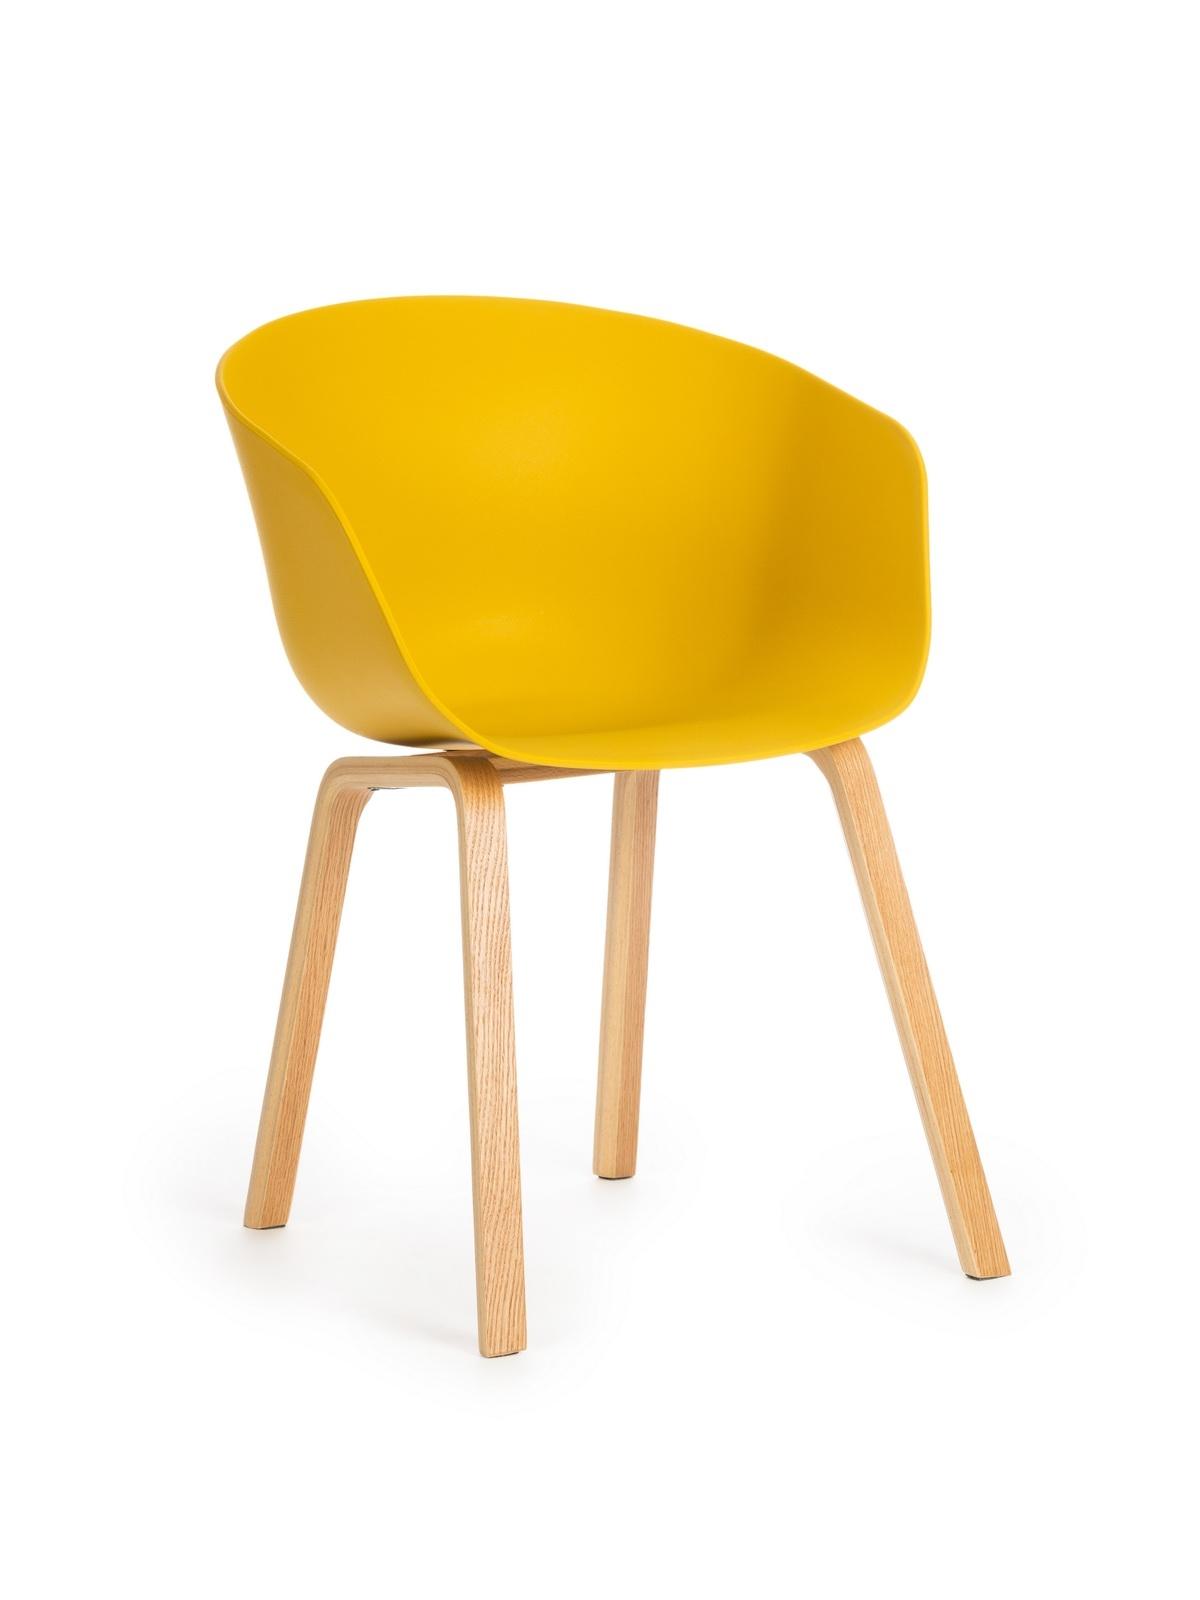 Scaun din plastic cu picioare din lemn Iris Yellow, l55xA56xH80 cm imagine